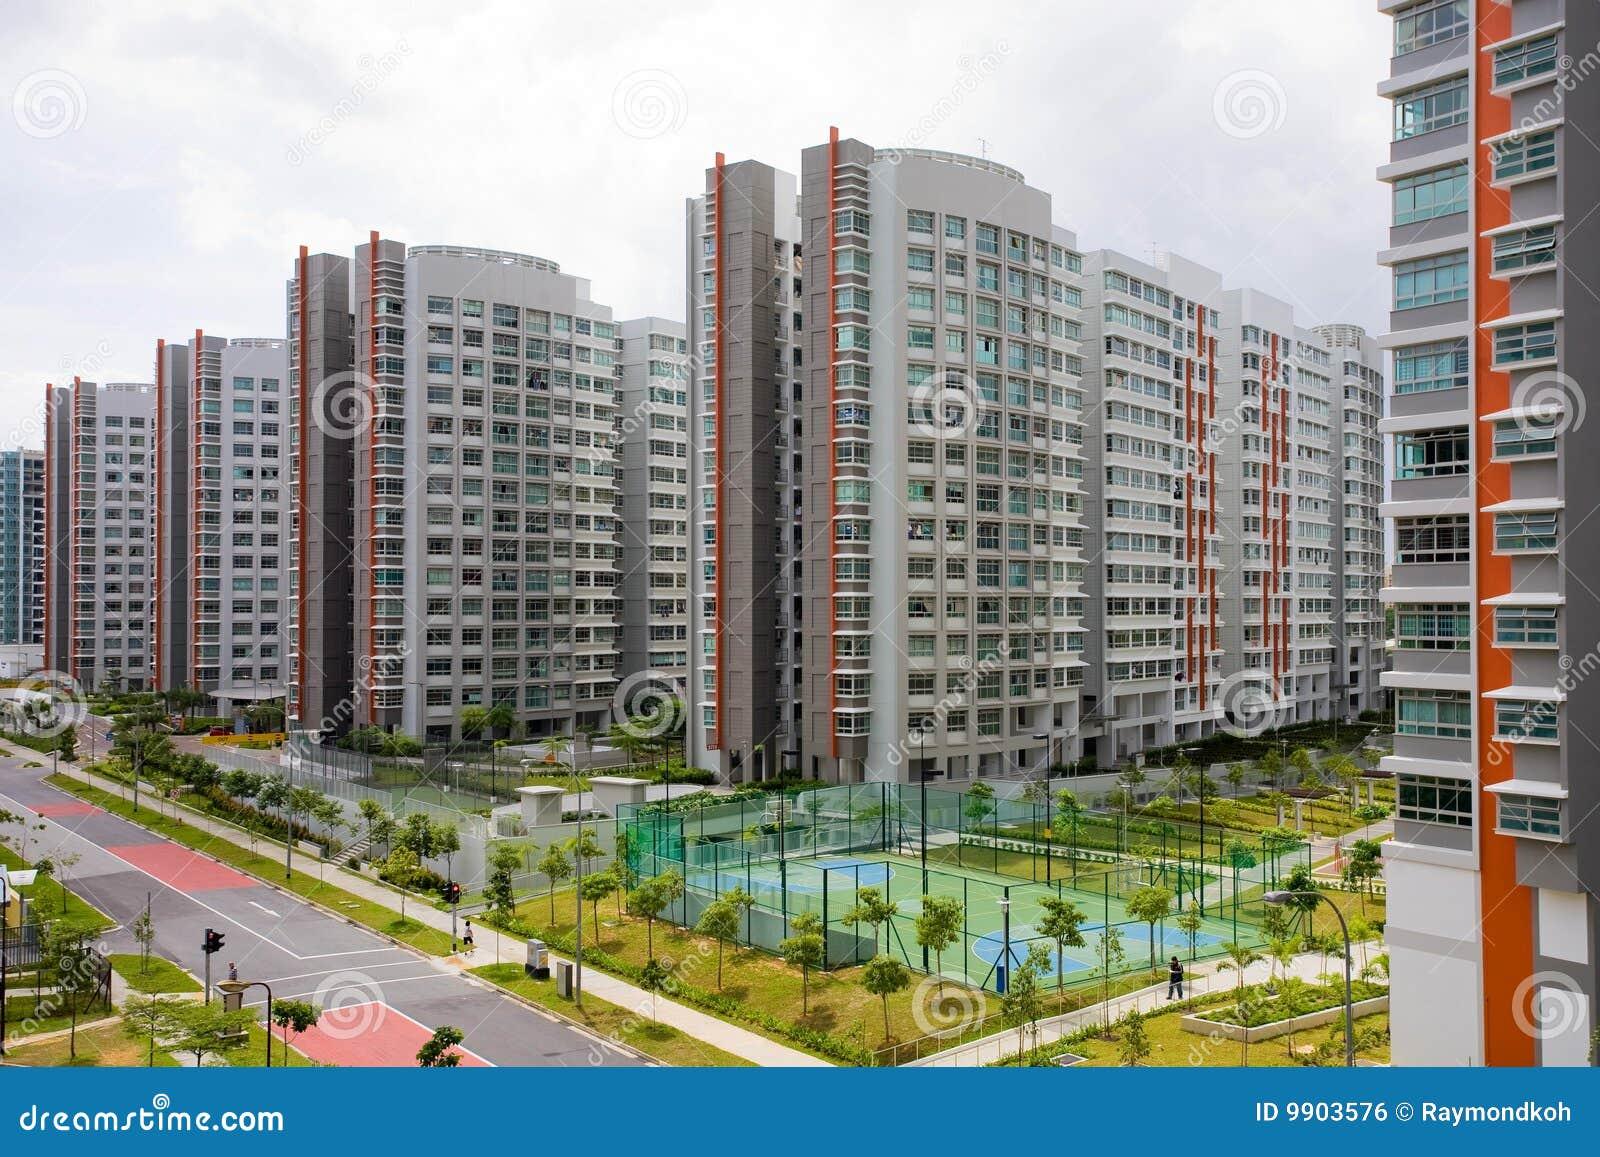 High Rise HDB Apartments